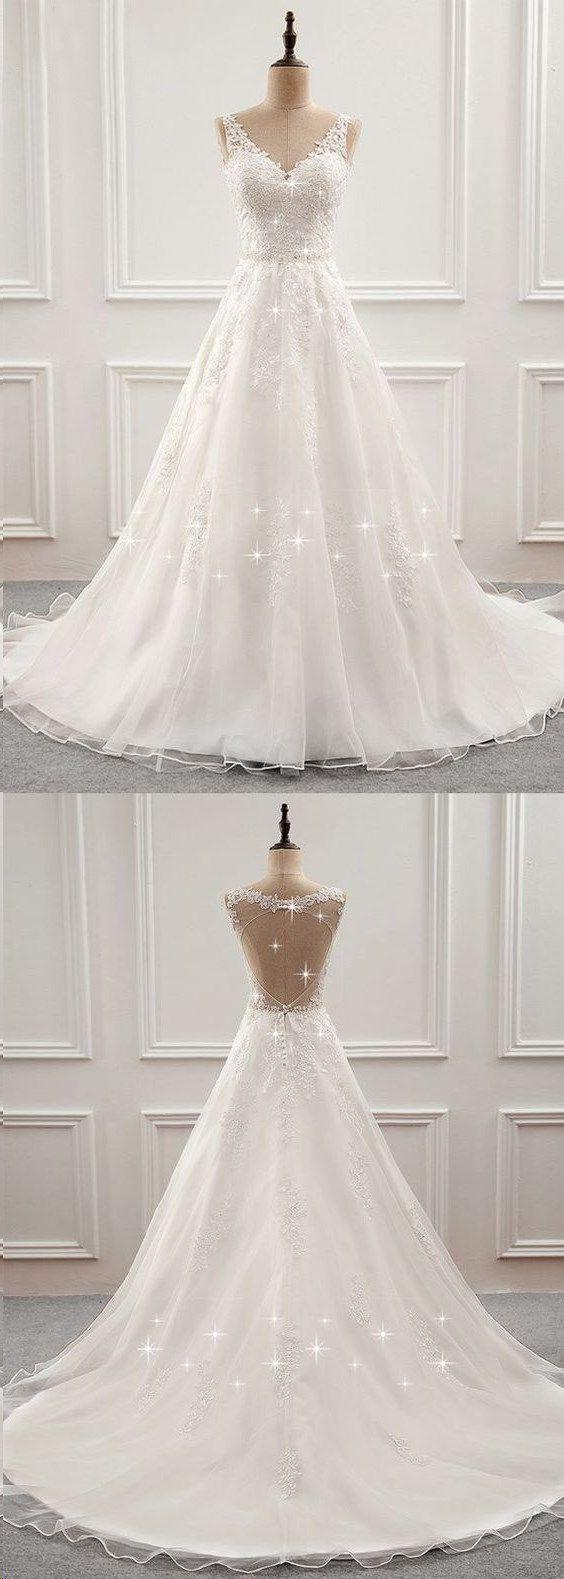 Brautkleider Ballkleider, Brautkleider Spitze, Brautkleider mit Trägern, Hochzeit … – Braut kleideralinie